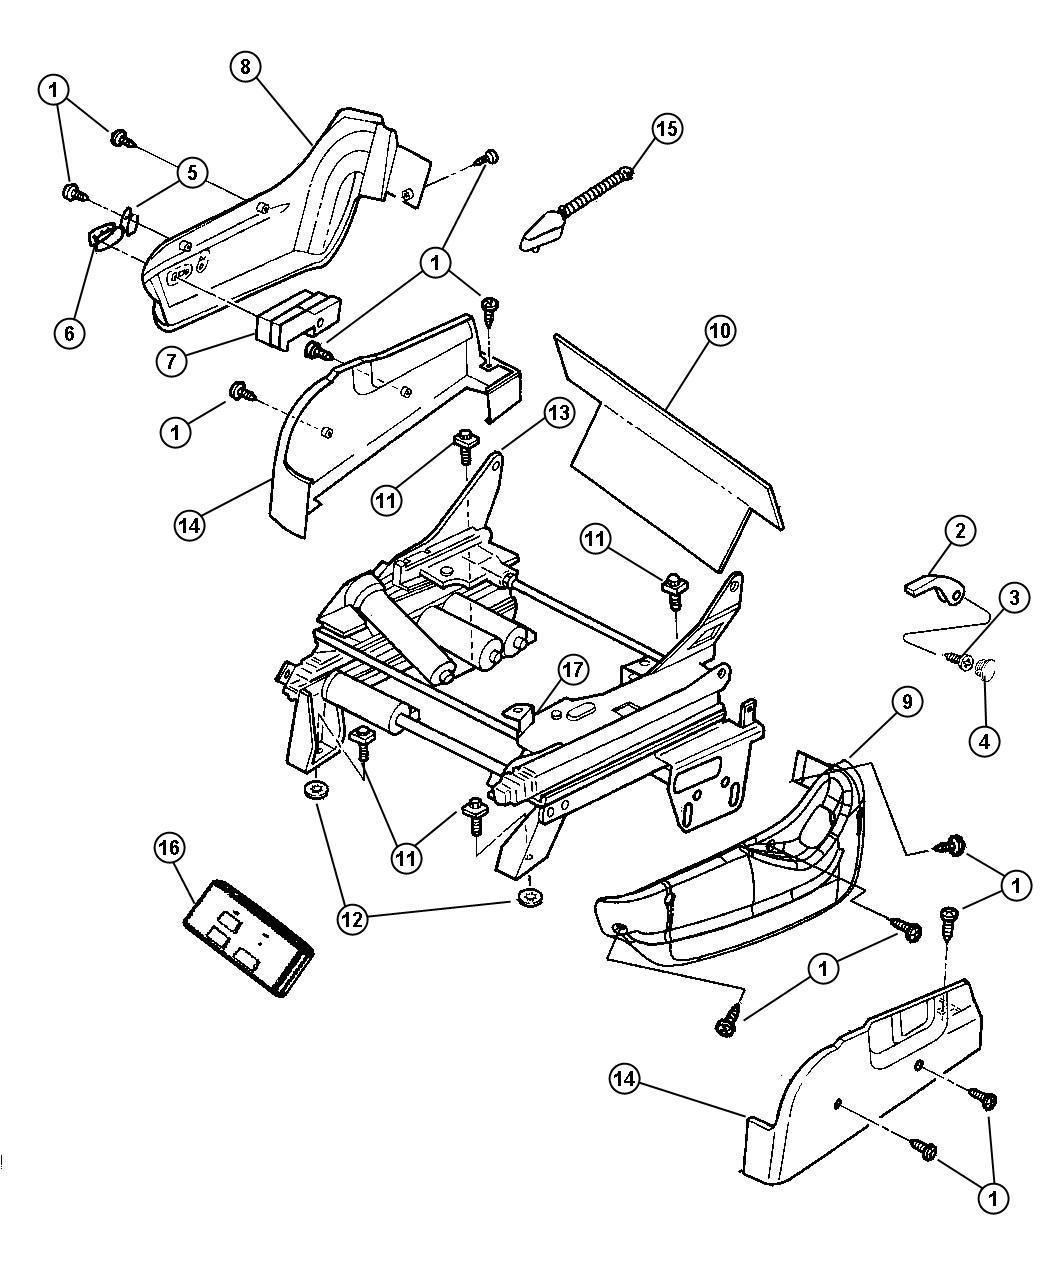 1996 dodge caravan wiring harness